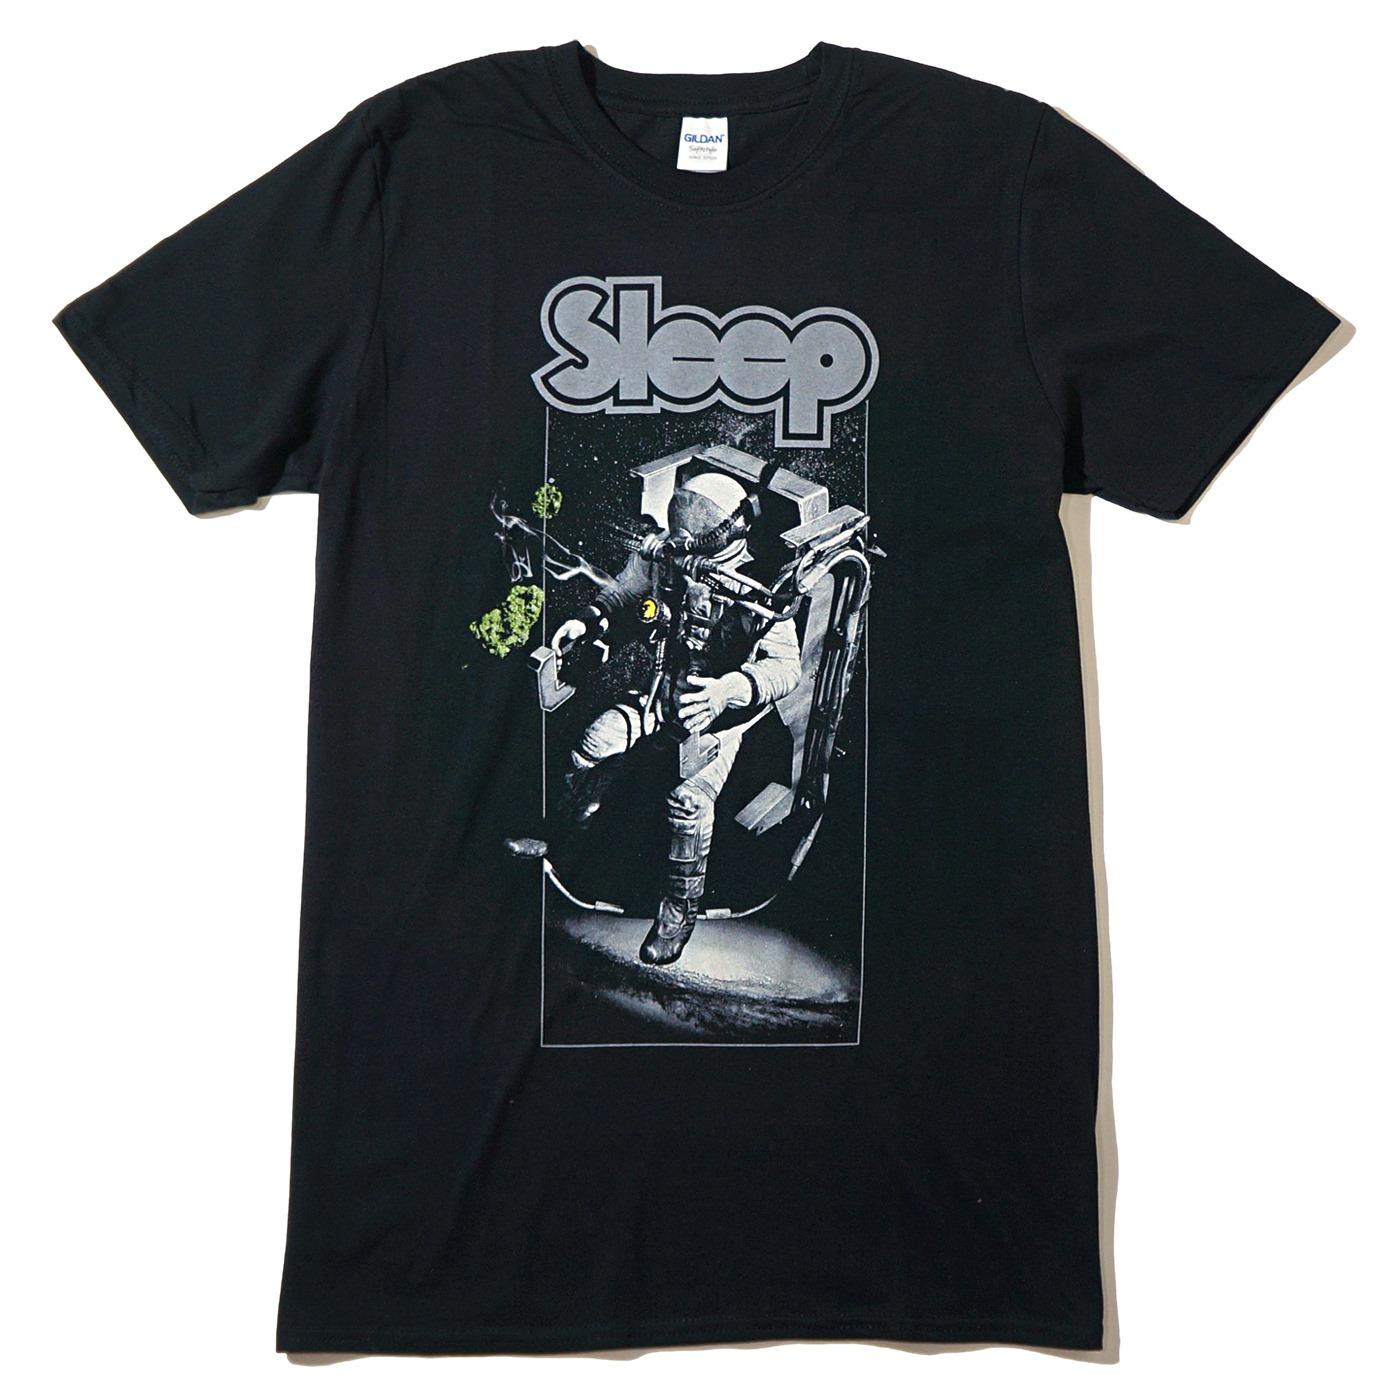 SLEEP Tシャツ The Sciences-Black